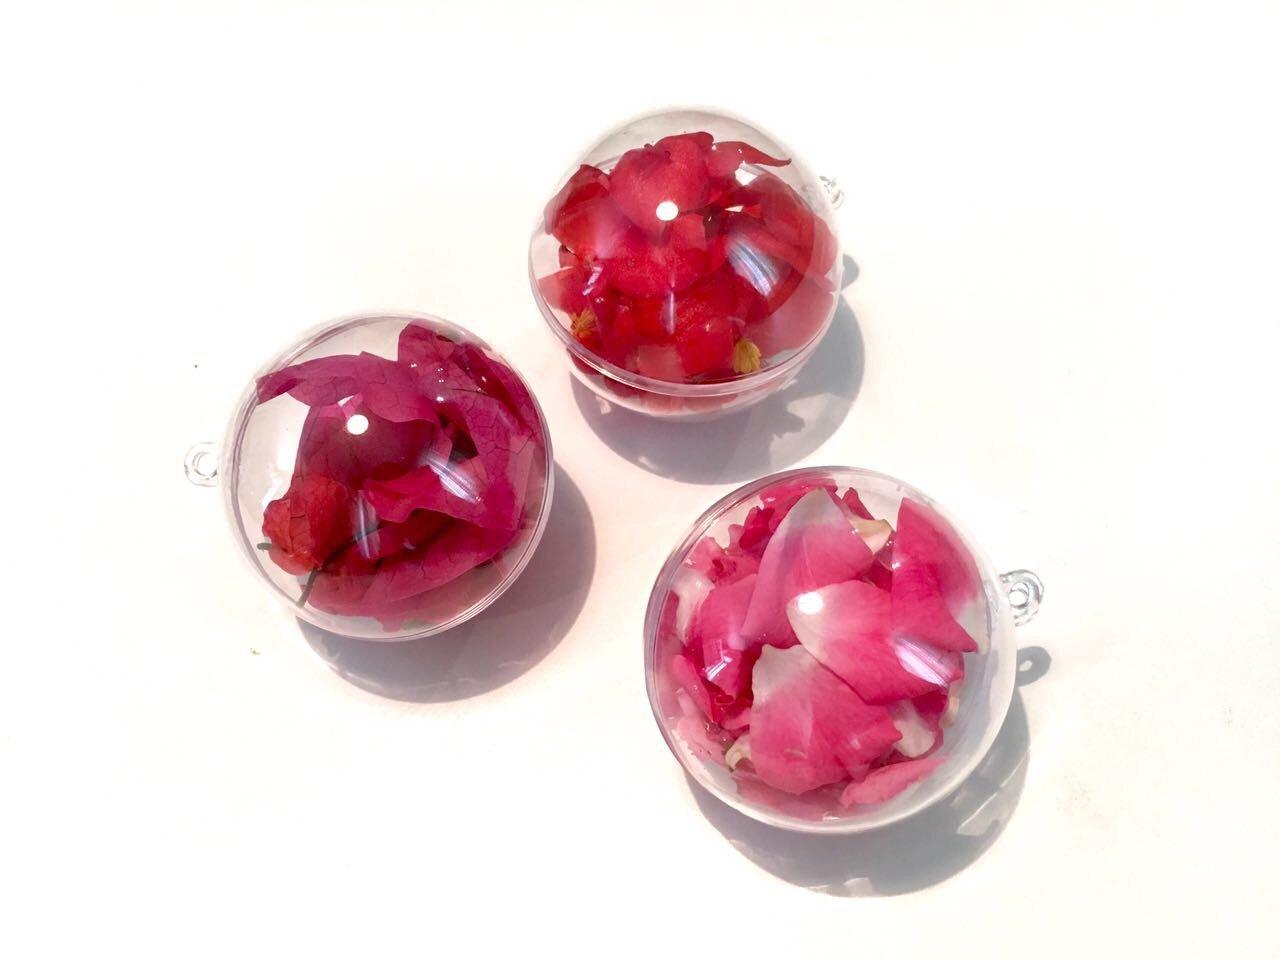 CRYSTAL-KING-20-Stck-Acrylkugeln-6cm-Durchmesser-durchsichtige-Kugel-aufhngen-transparent-Dekokugel-Bastel-Set-Acrylkugel-Weihnachtsbaum-Kugel-Teilbar-befllen-befllbare